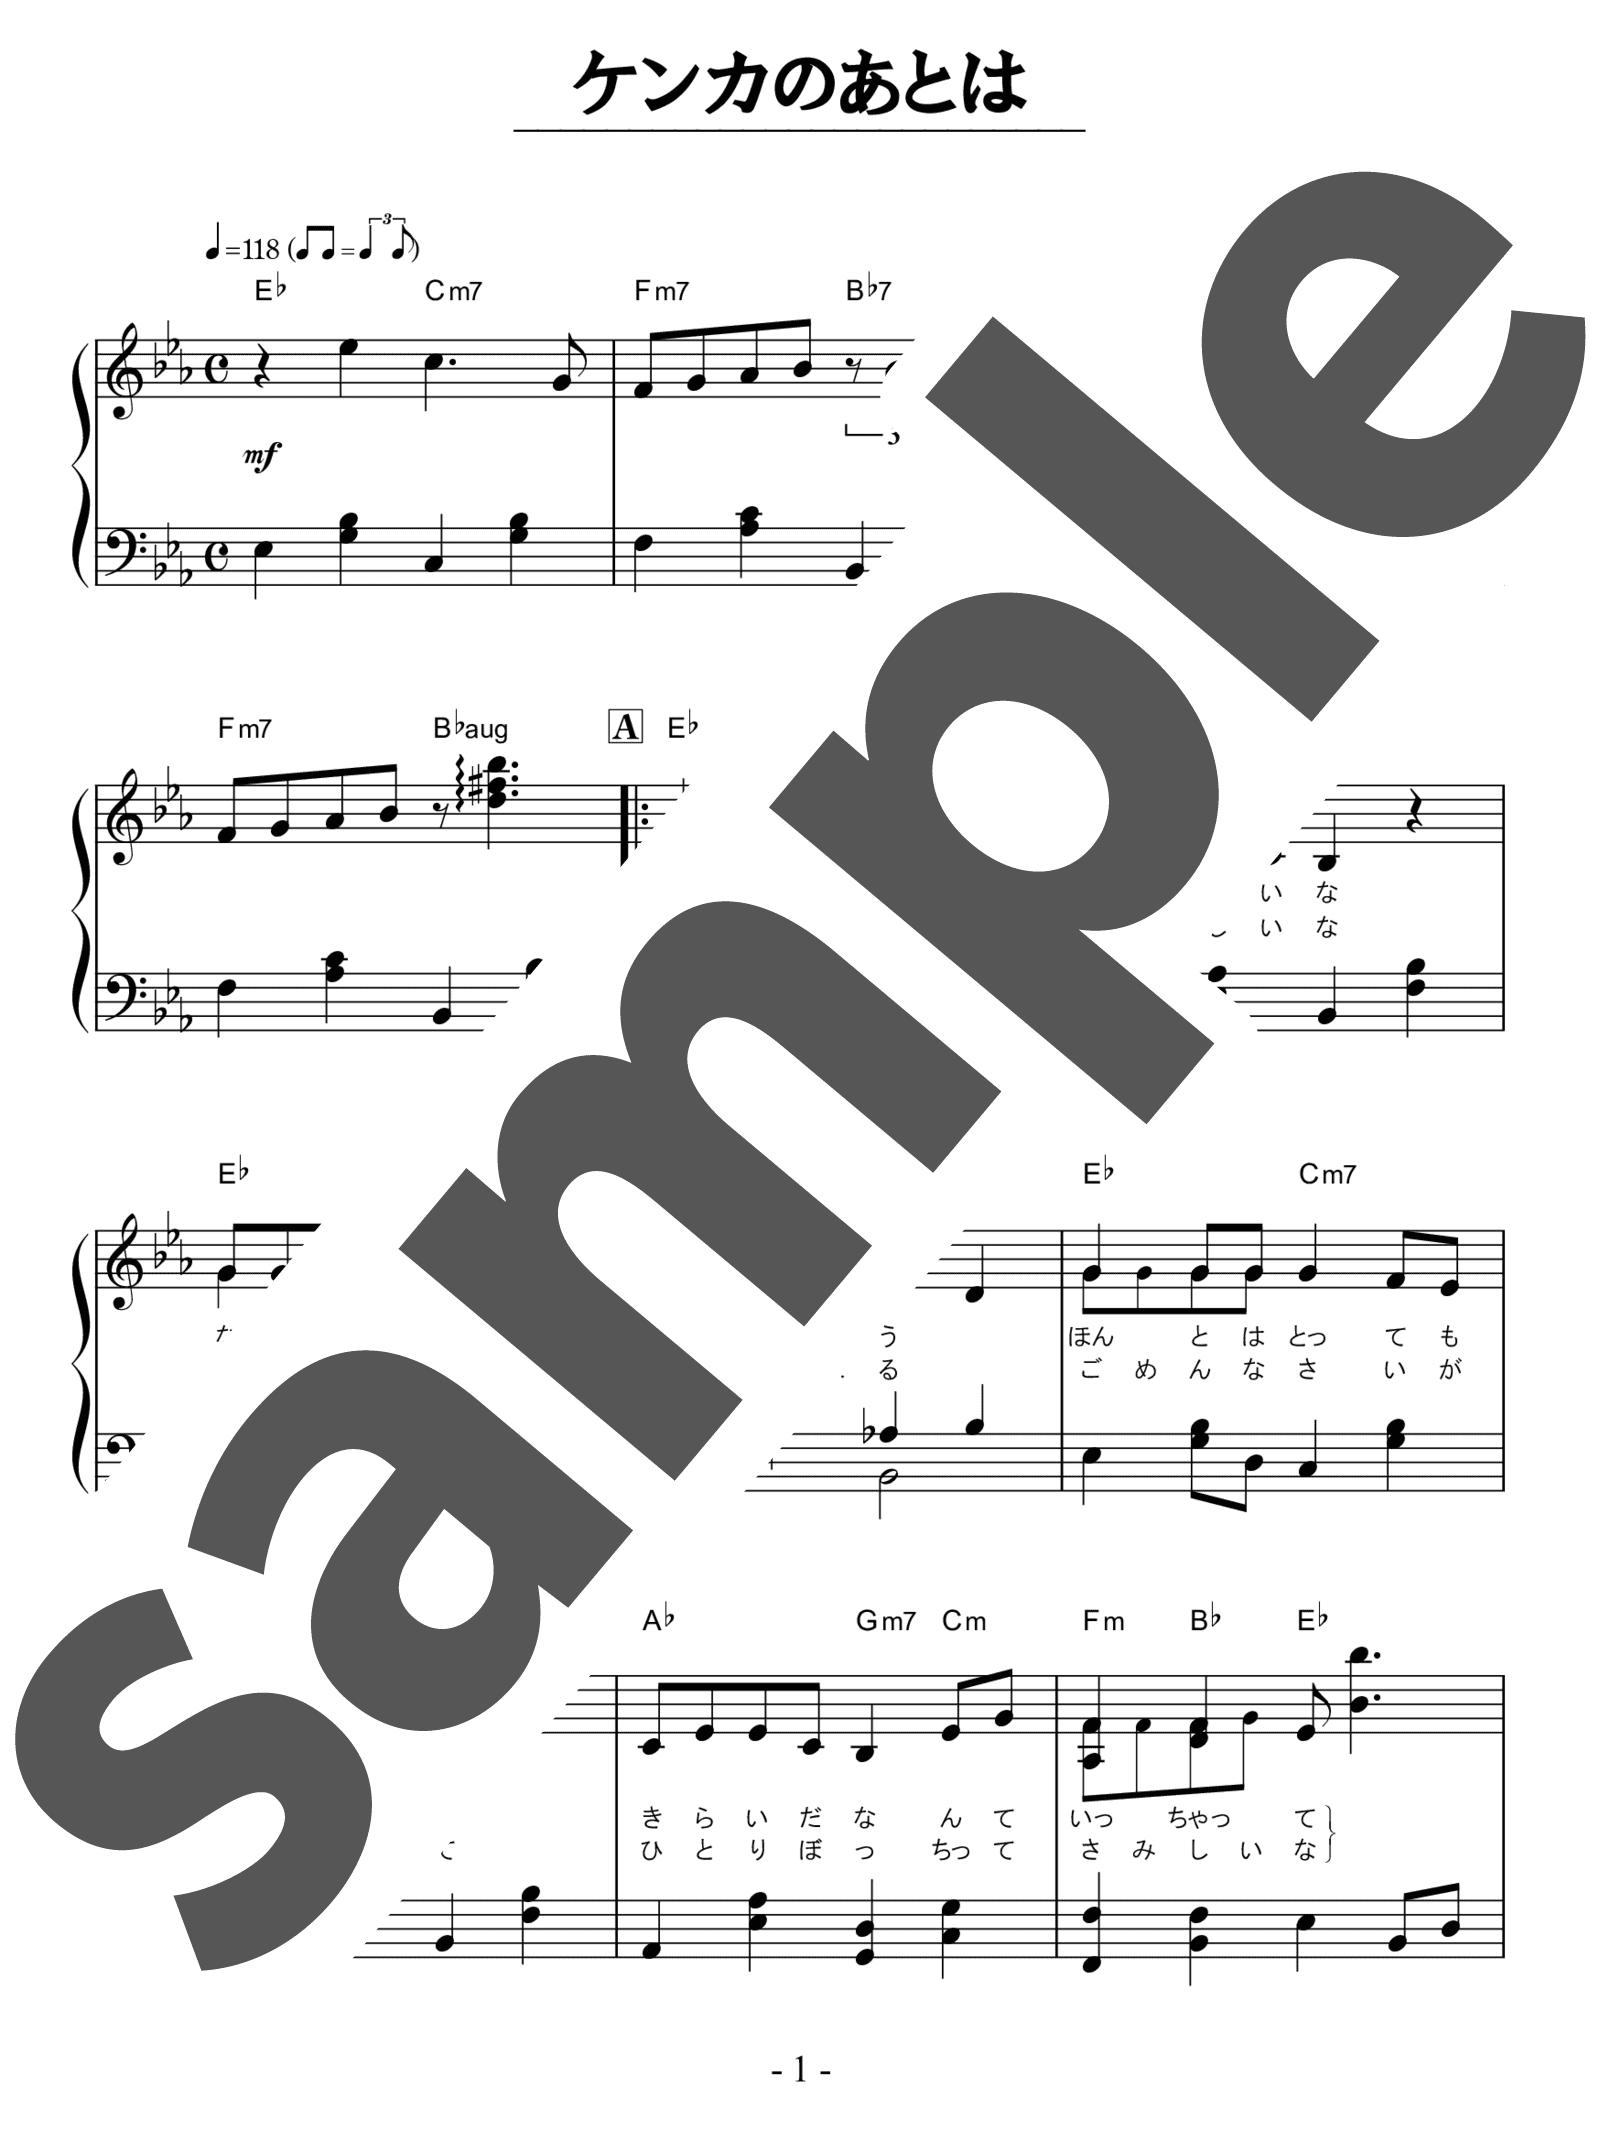 「ケンカのあとは」のサンプル楽譜